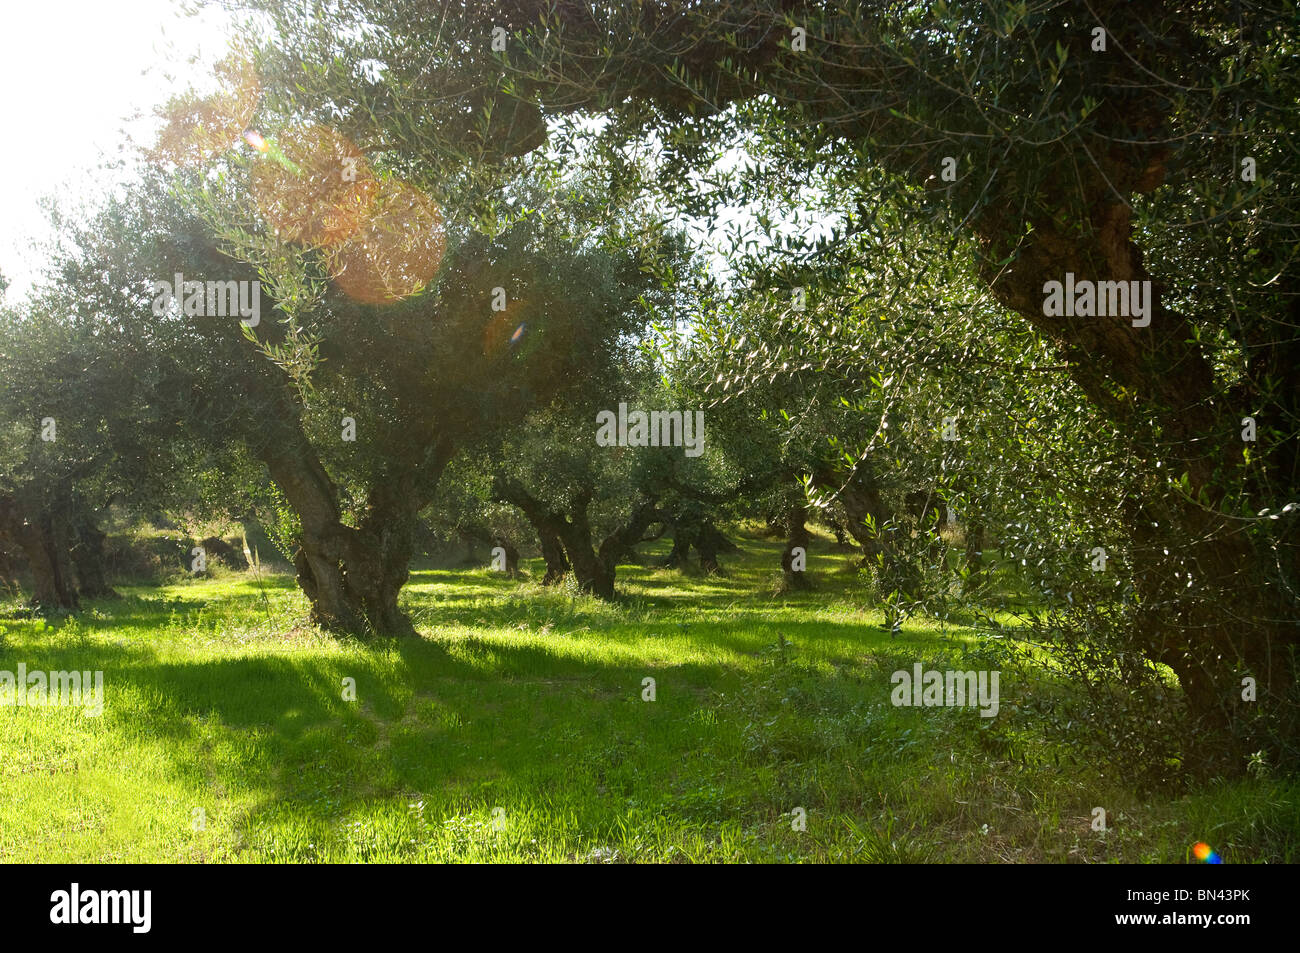 Alberi di olivo in oliveto, Zante, isole Ionie, Grecia Immagini Stock